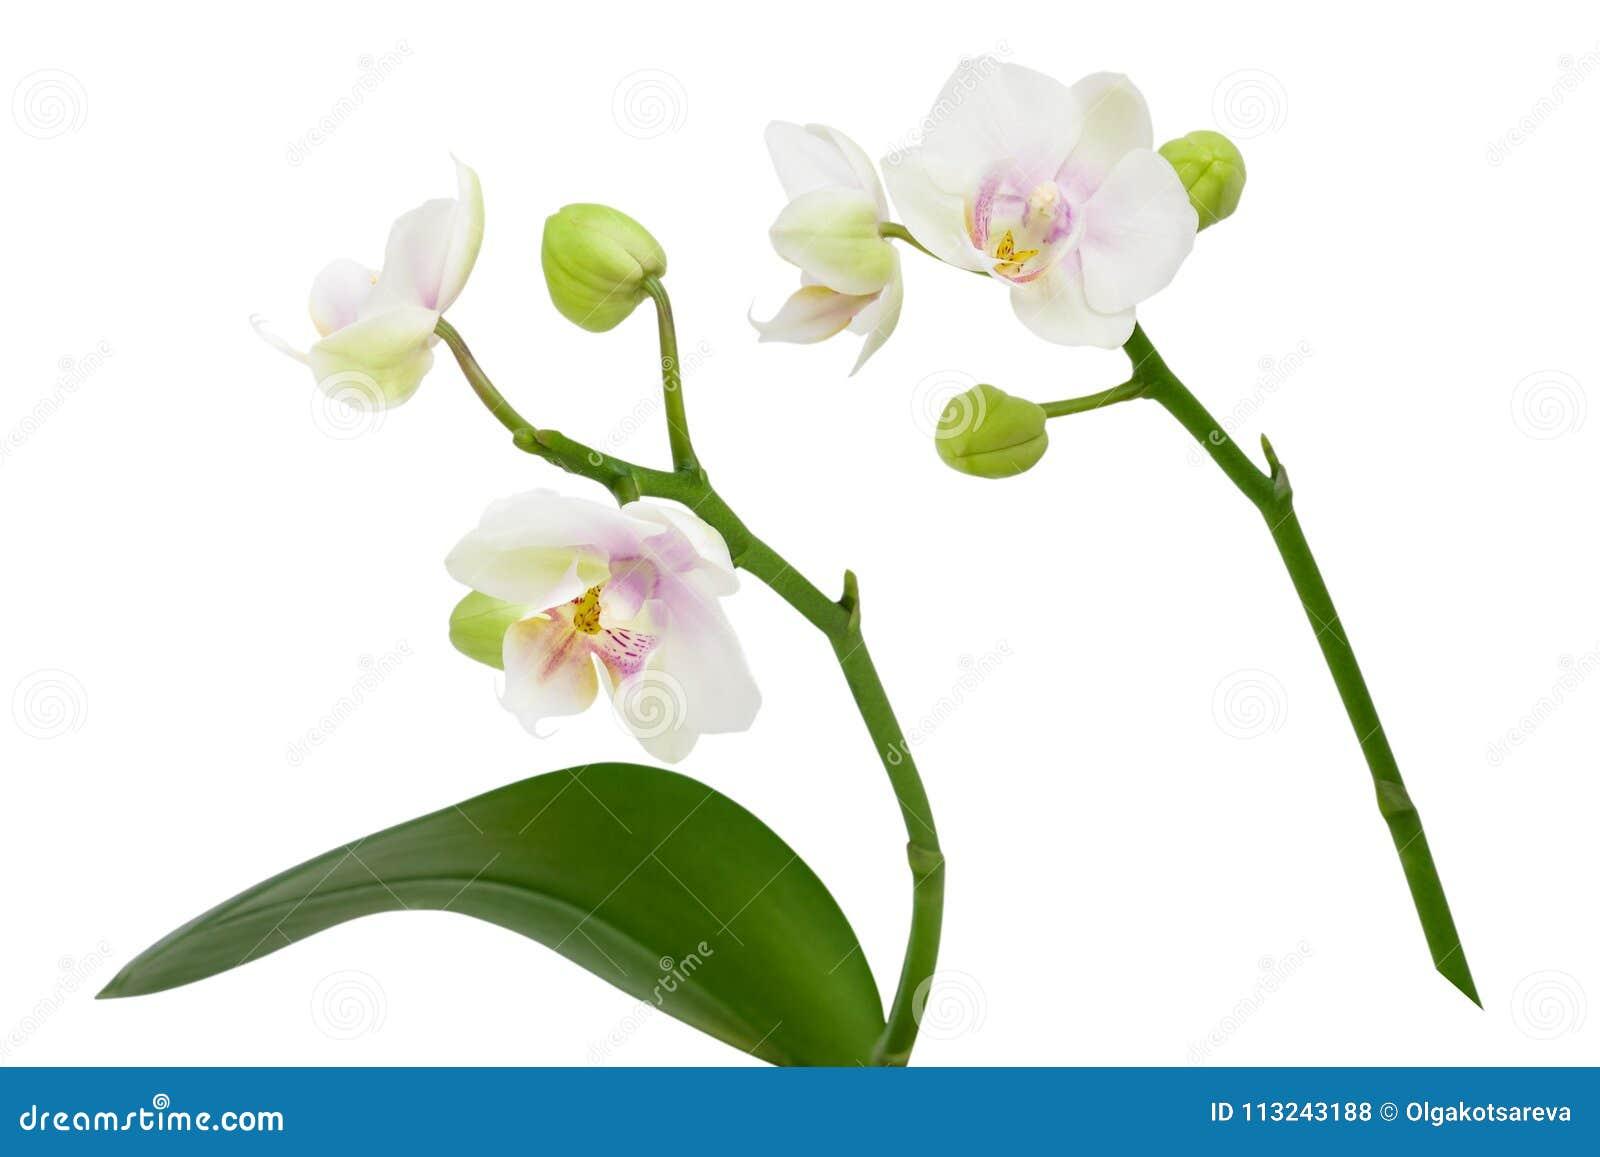 Fiori Orchidea Bianchi.Due Fiori Bianchi Dell Orchidea Sul Gambo Con Le Foglie Isolate Su